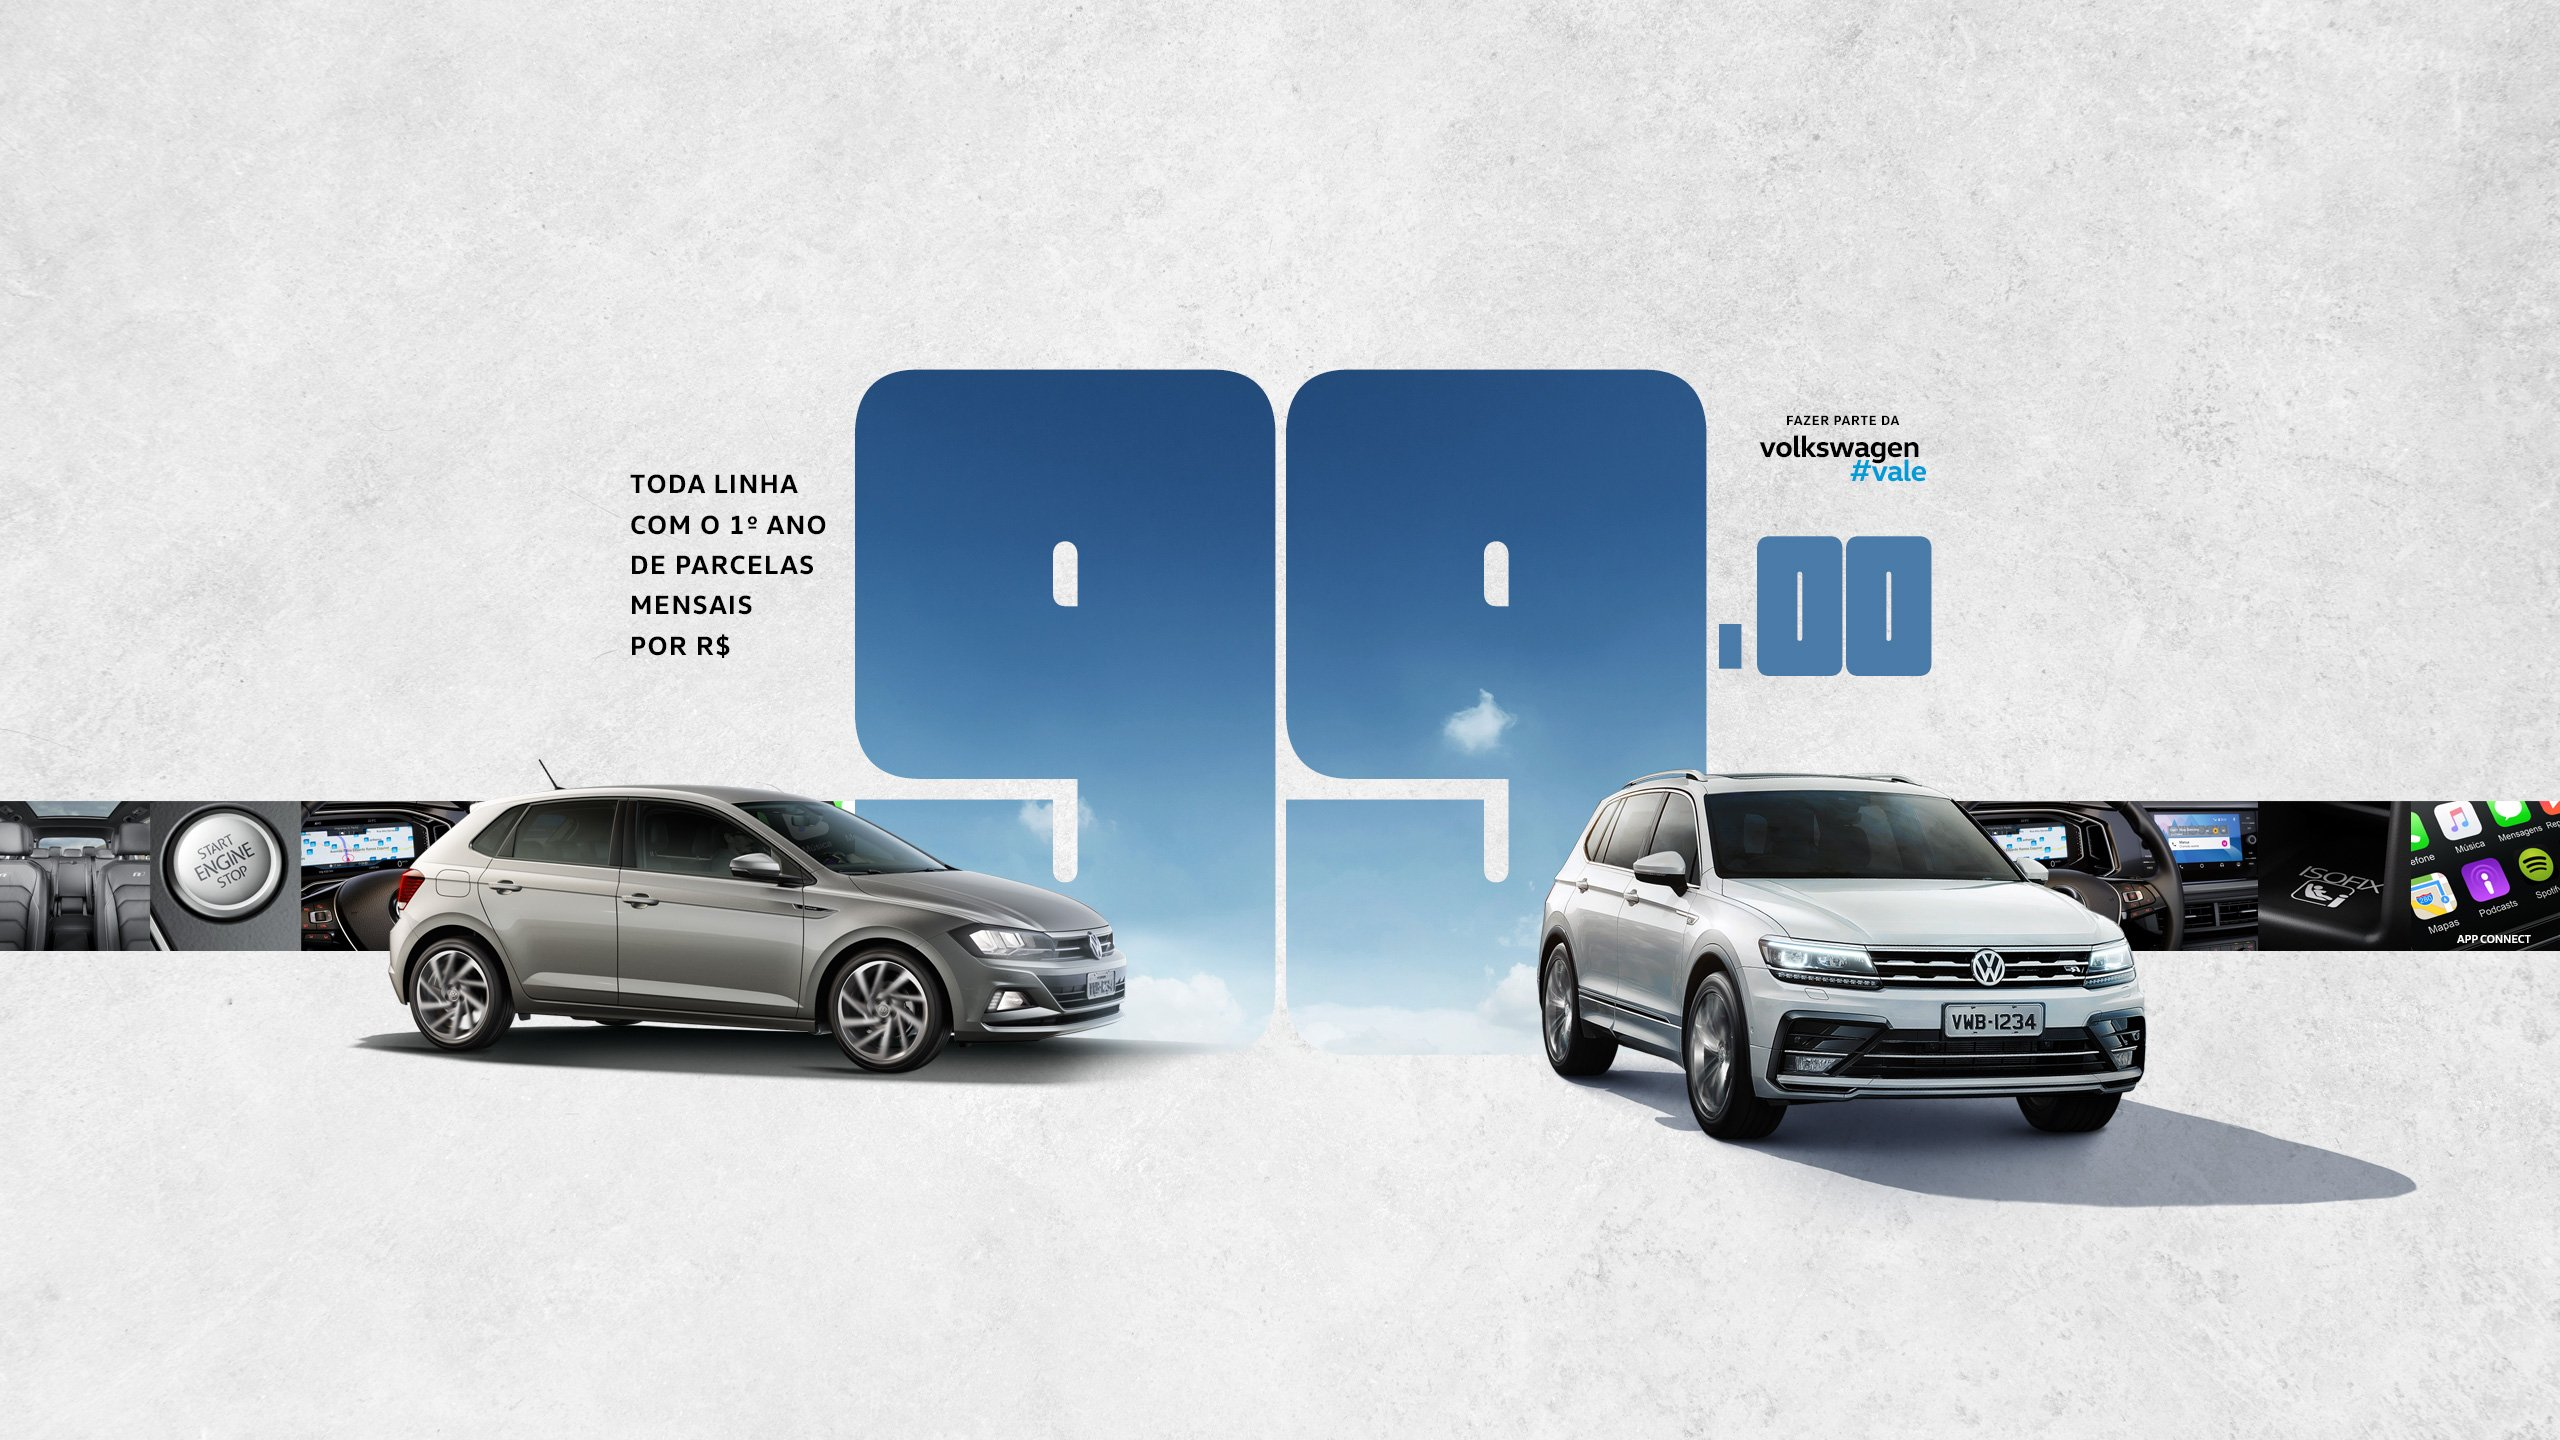 Volkswagen volta a ofertar toda a linha com parcelas de apenas R$ 99 no primeiro ano